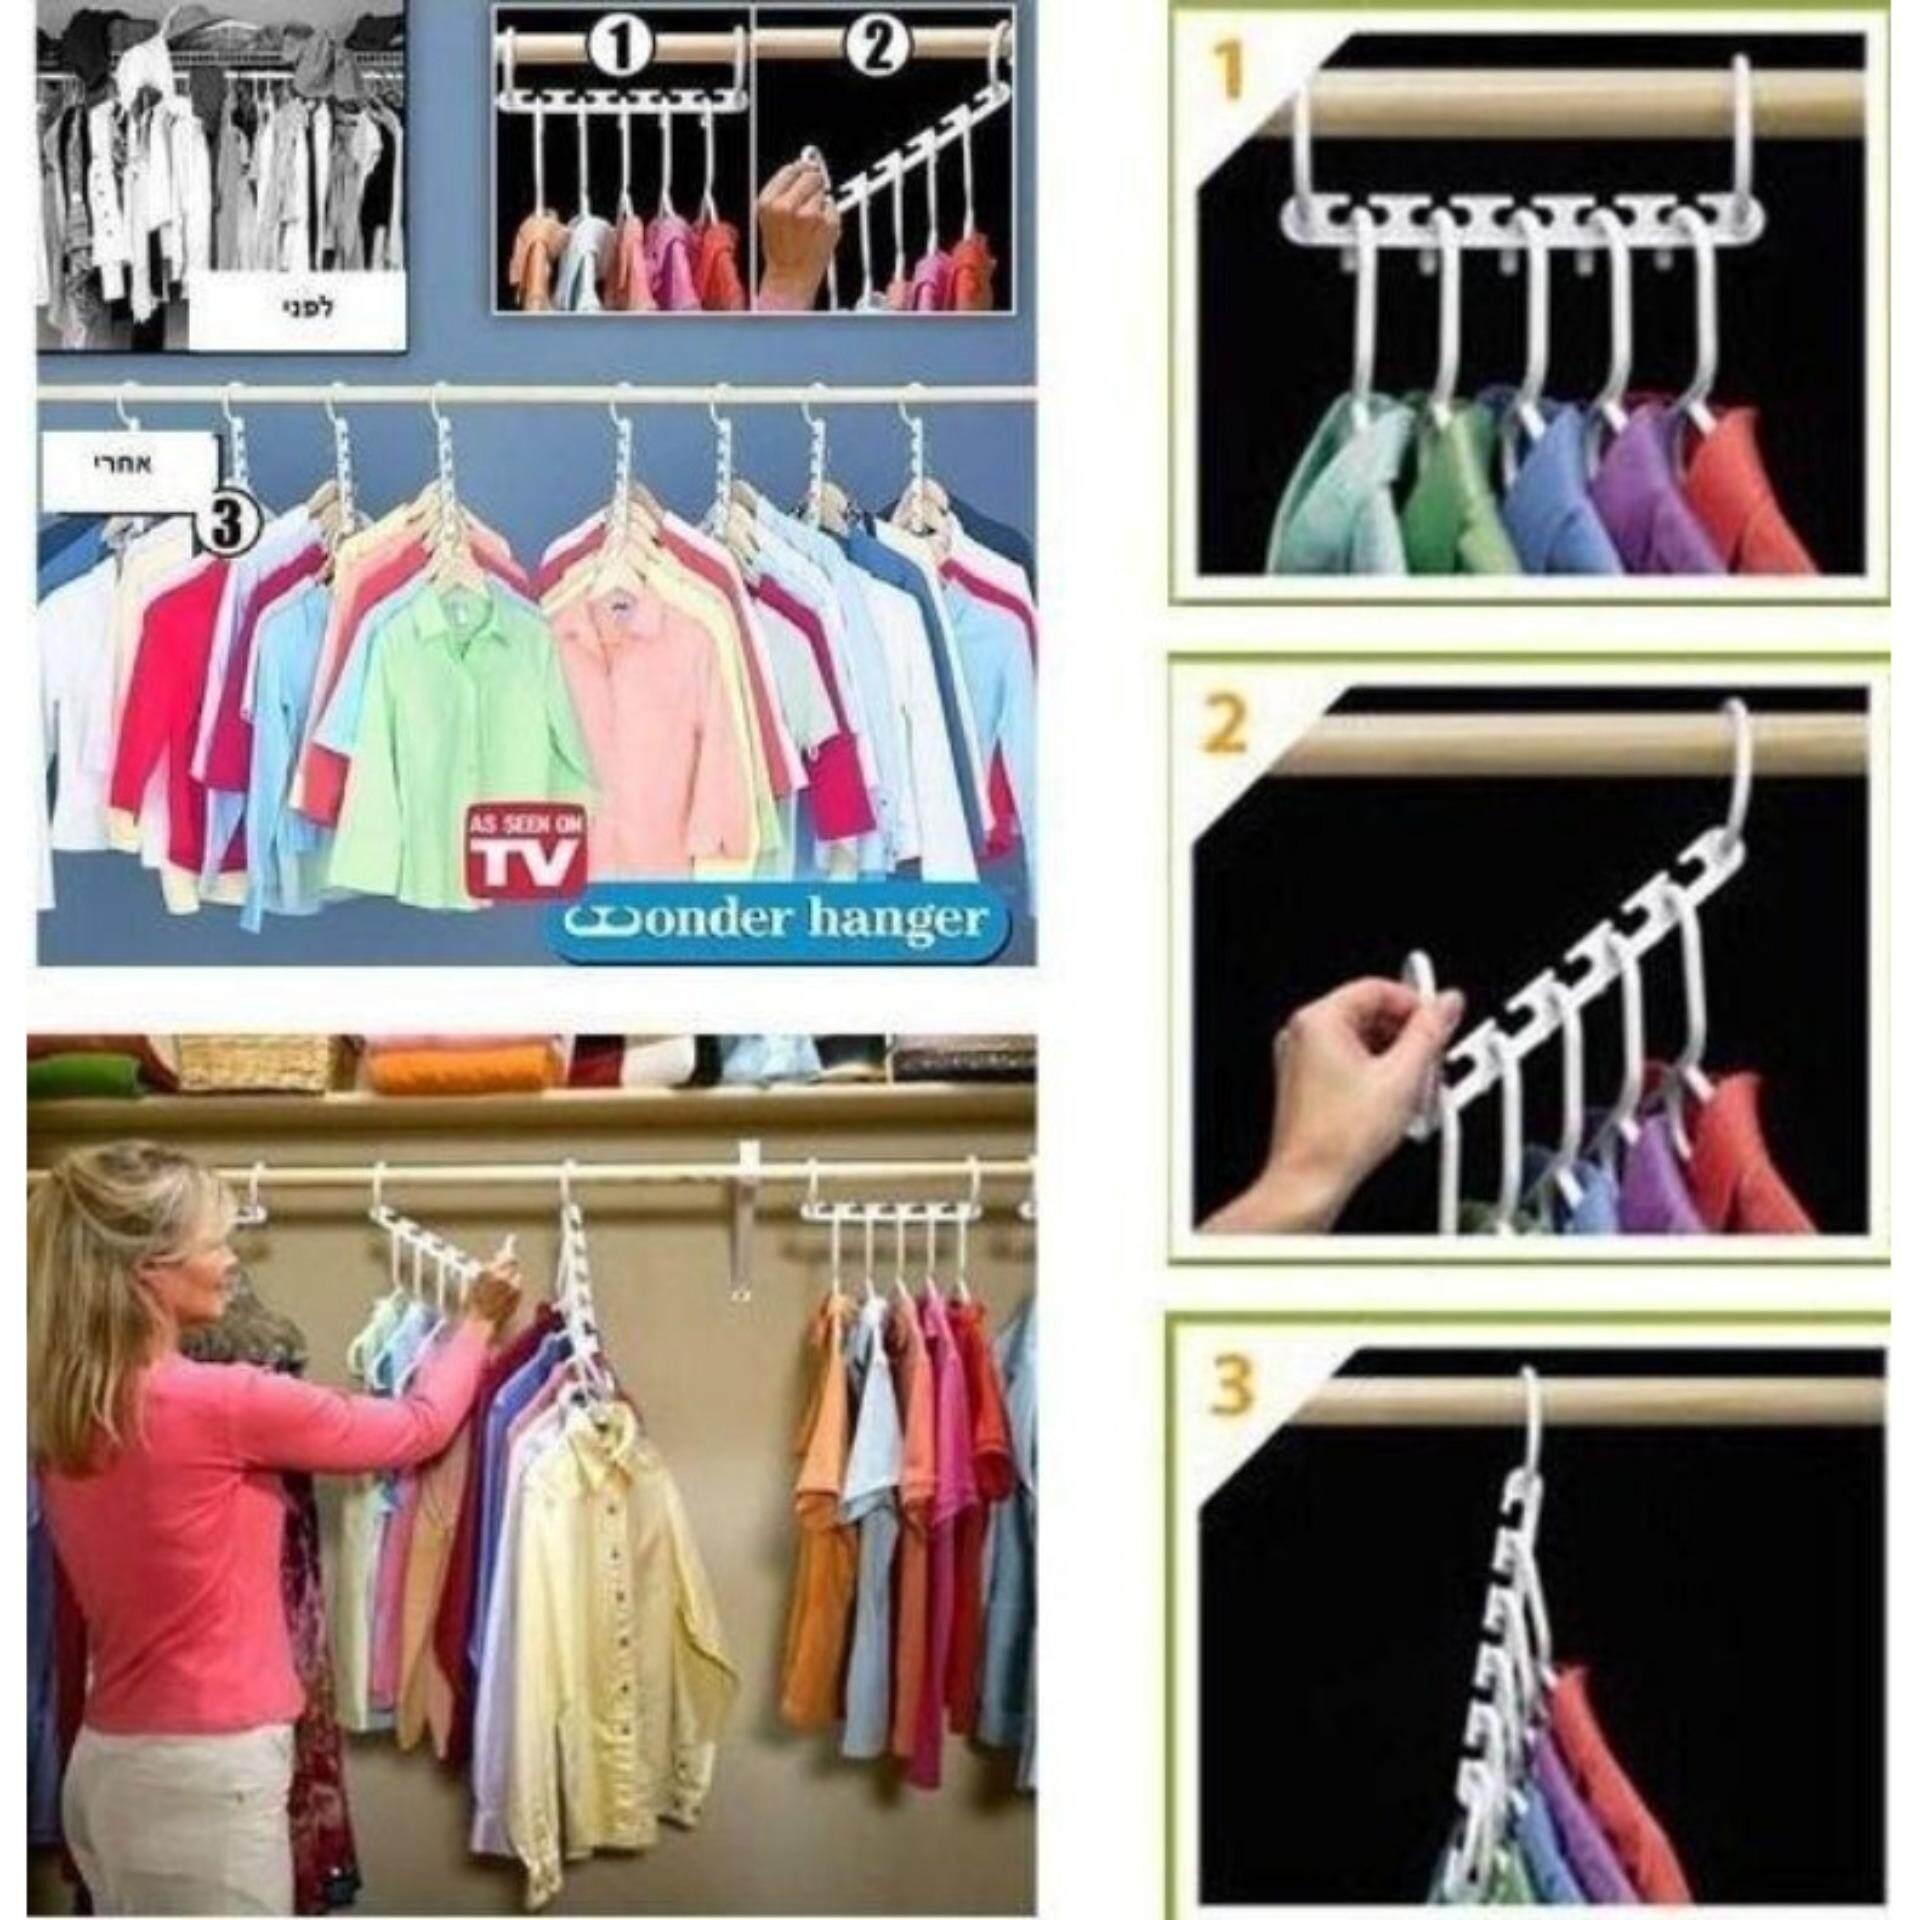 ไม้แขวนเสื้อ ไม้แขวนเสื้อจัดระเบียบ ราวแขวน จัดระเบียบ แพ็ค 8 ชิ้น.